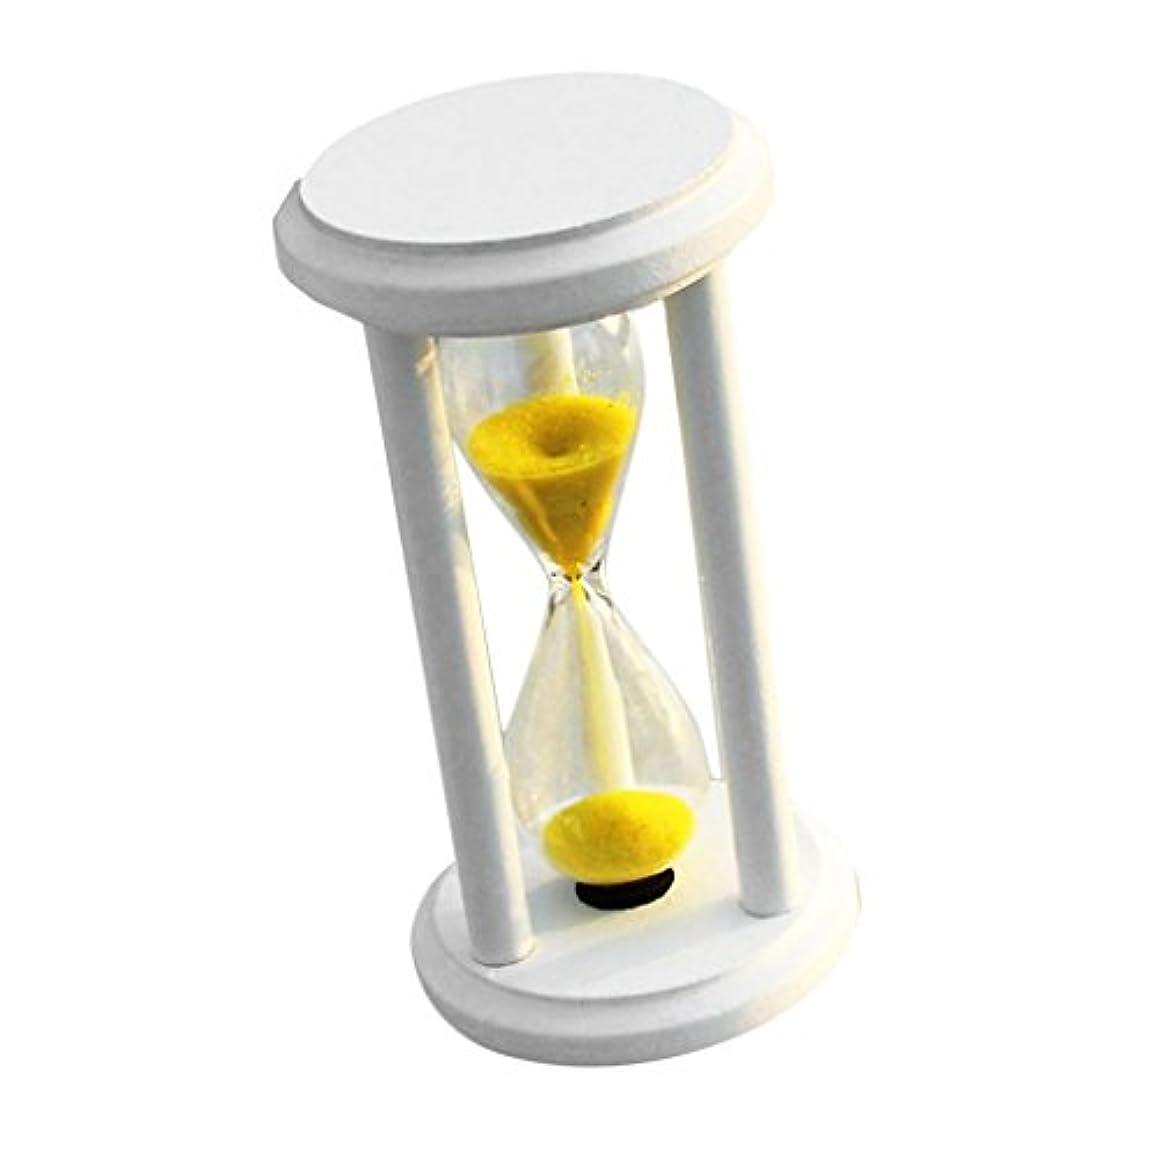 インキュバスブロンズ特許CUTICATE 3分砂時計木製砂タイマー時計キッチン調理子供学習おもちゃ